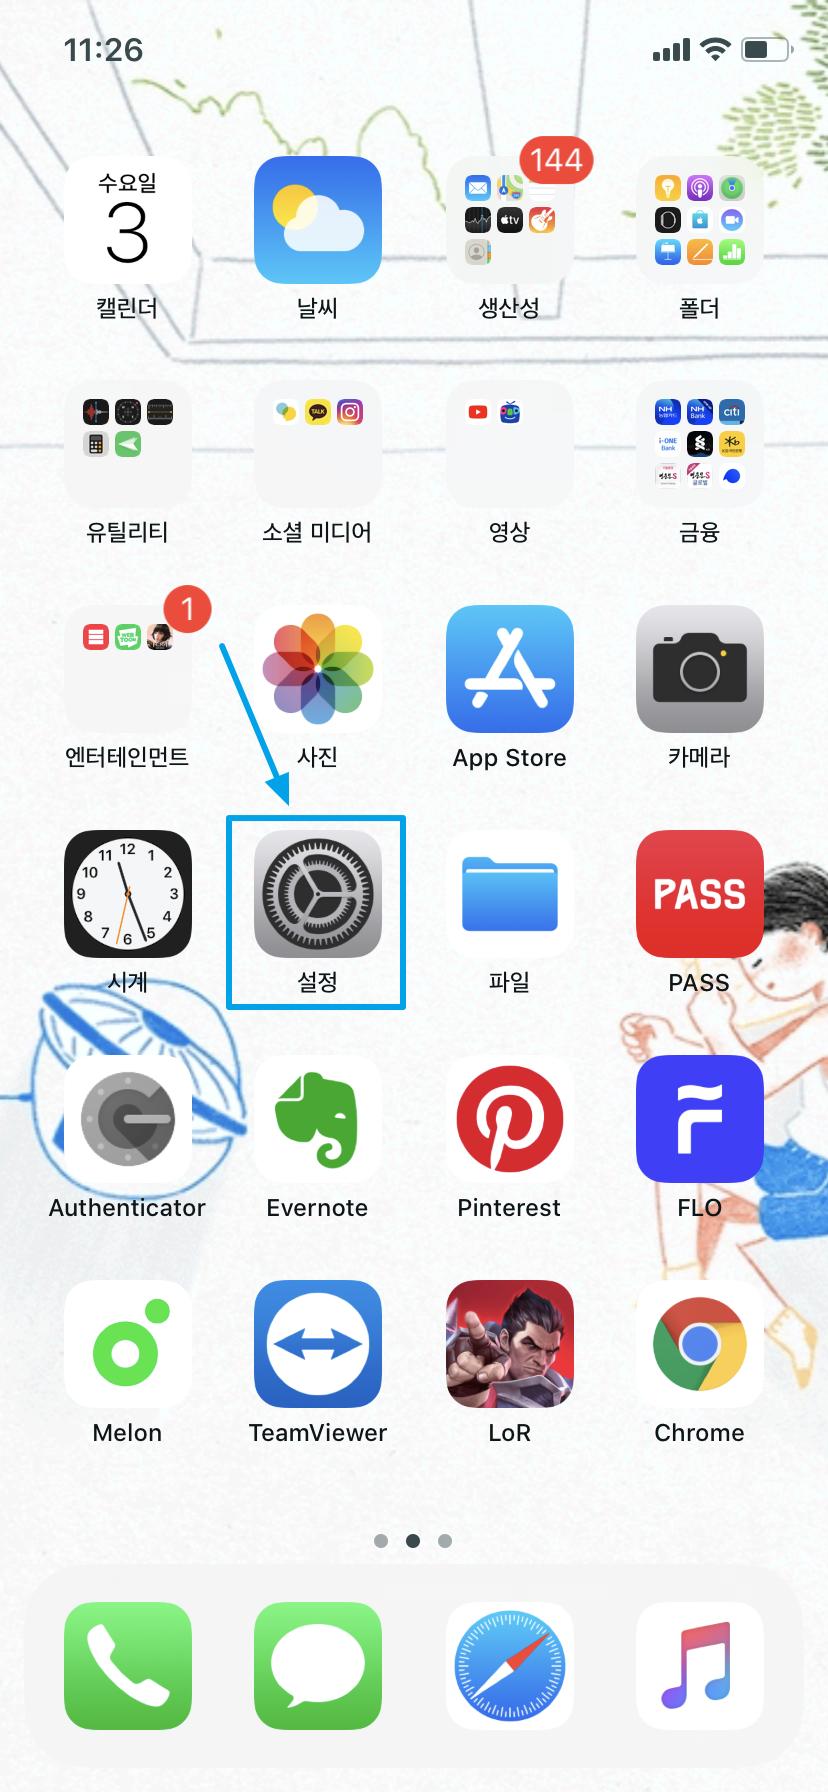 아이폰 앱 블루투스 연결 설정 두가지 방법